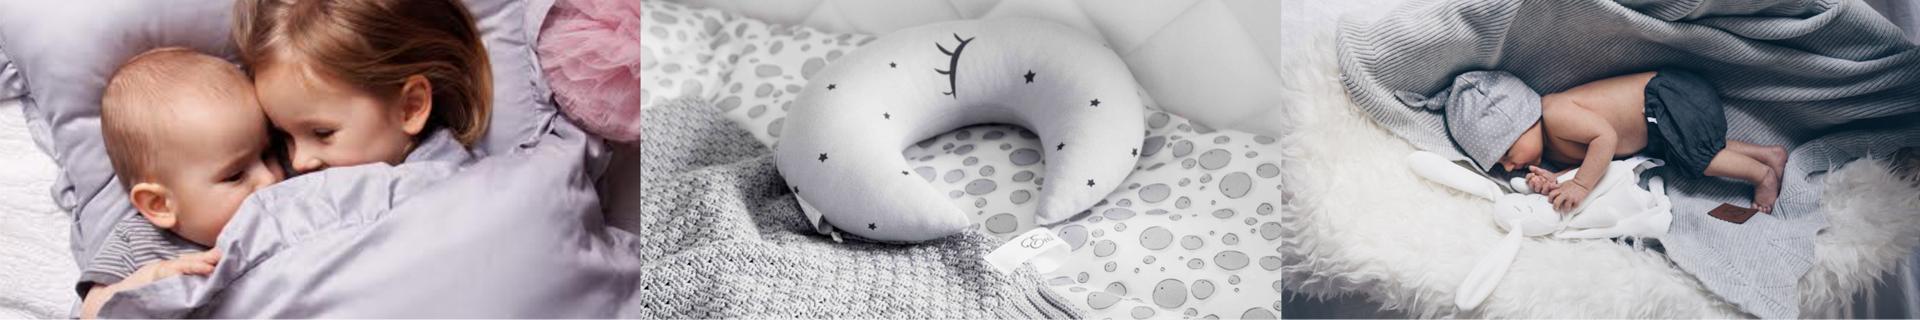 Ochraniacze do łóżeczka, łóżeczek dziecięcych - My Sweet Room